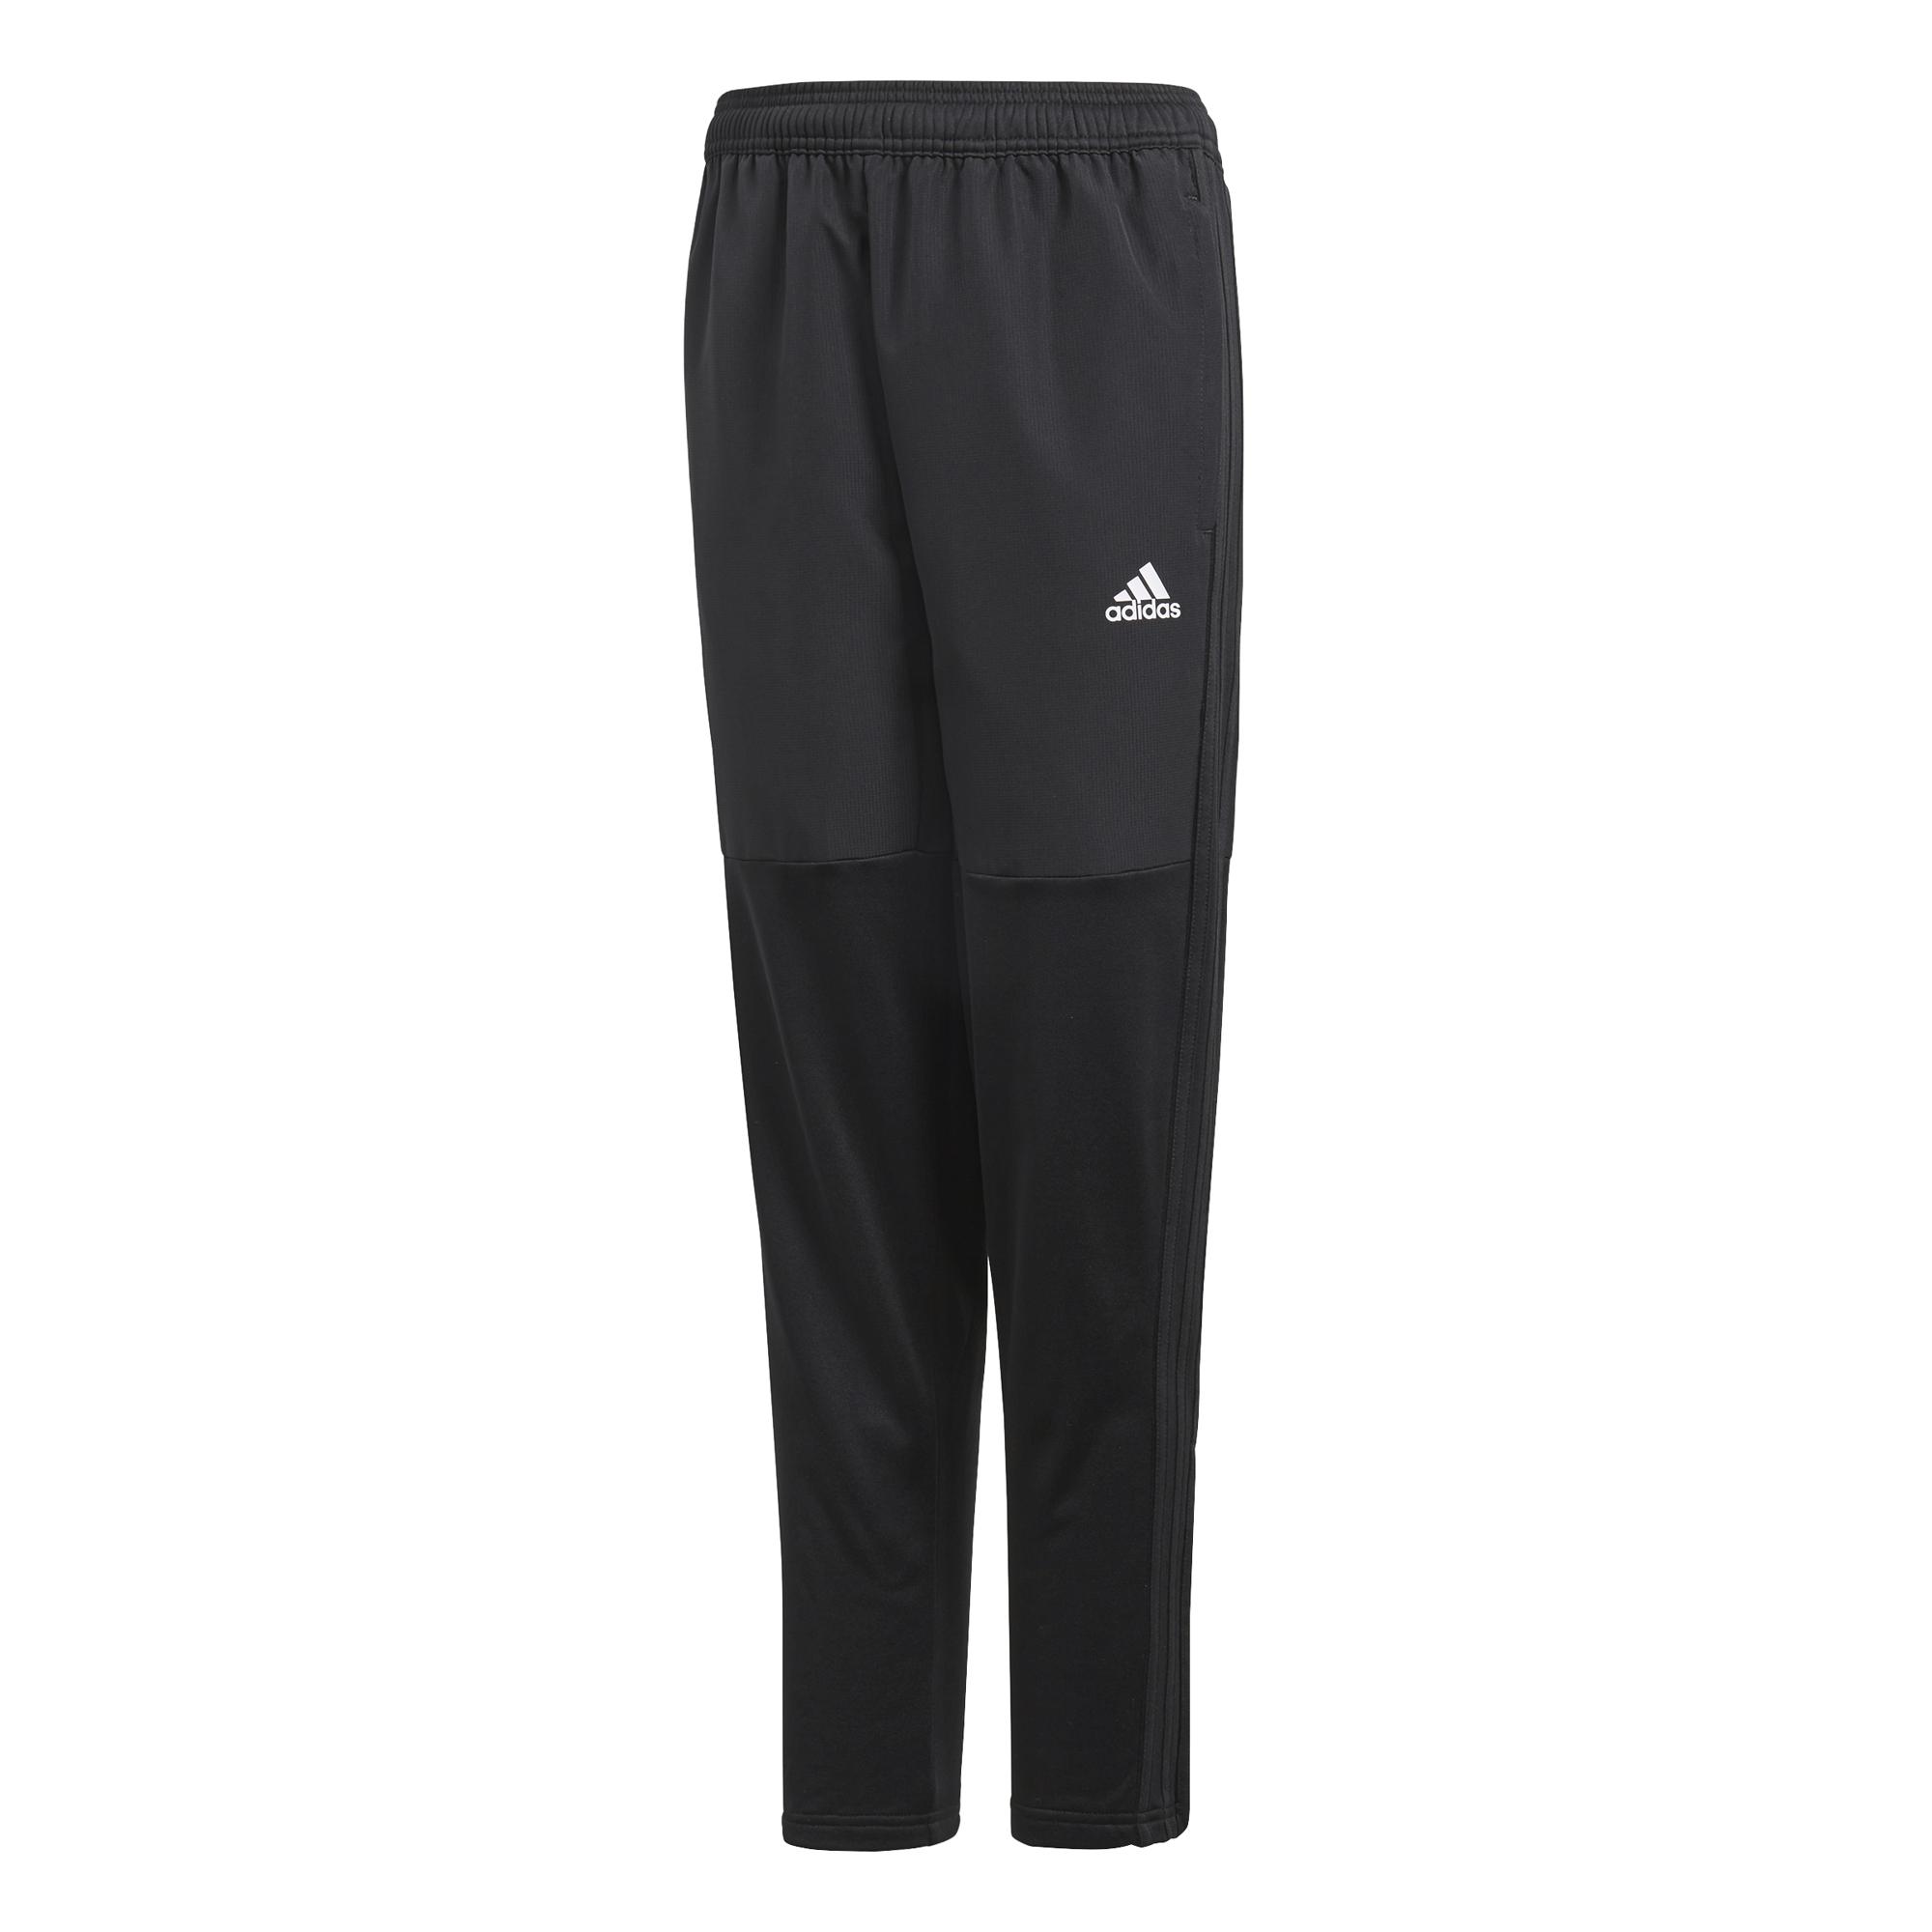 ADIDAS tréninkové kalhoty Condivo 18 Warm Pant dětské